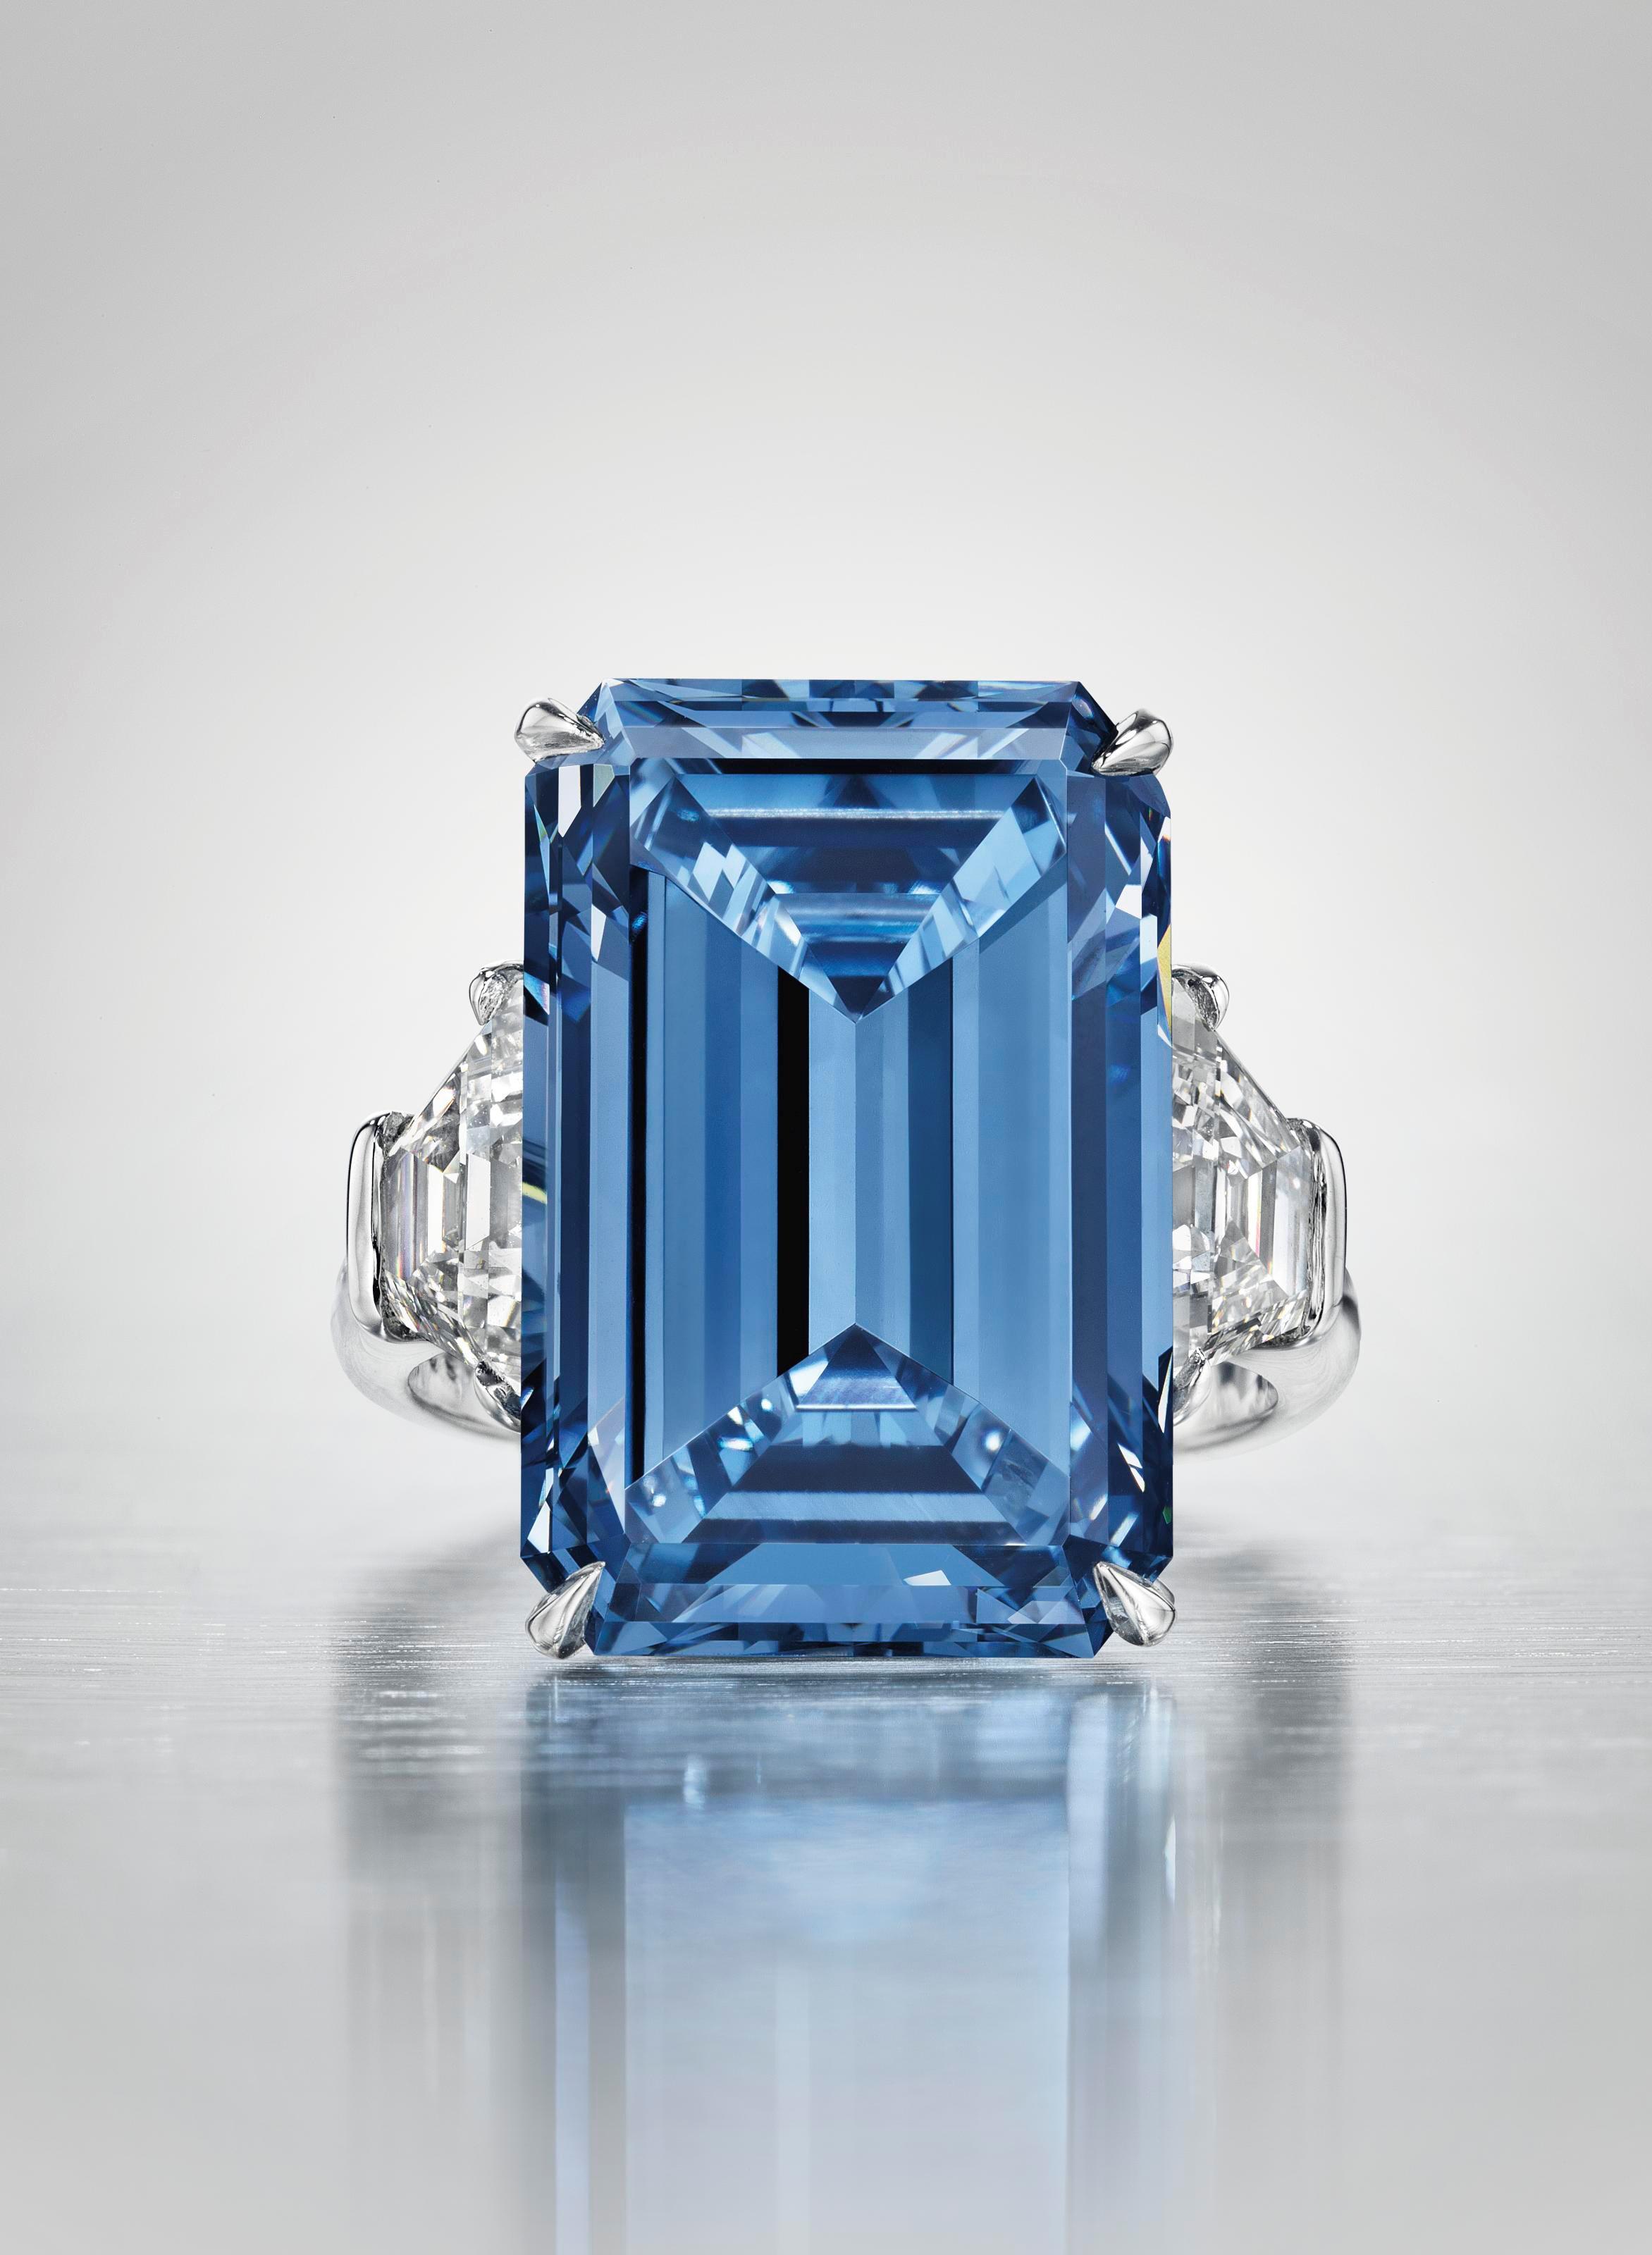 奥本海默蓝钻戒指。2016年5月18日在佳士得日内瓦以56,837,000瑞郎成交。